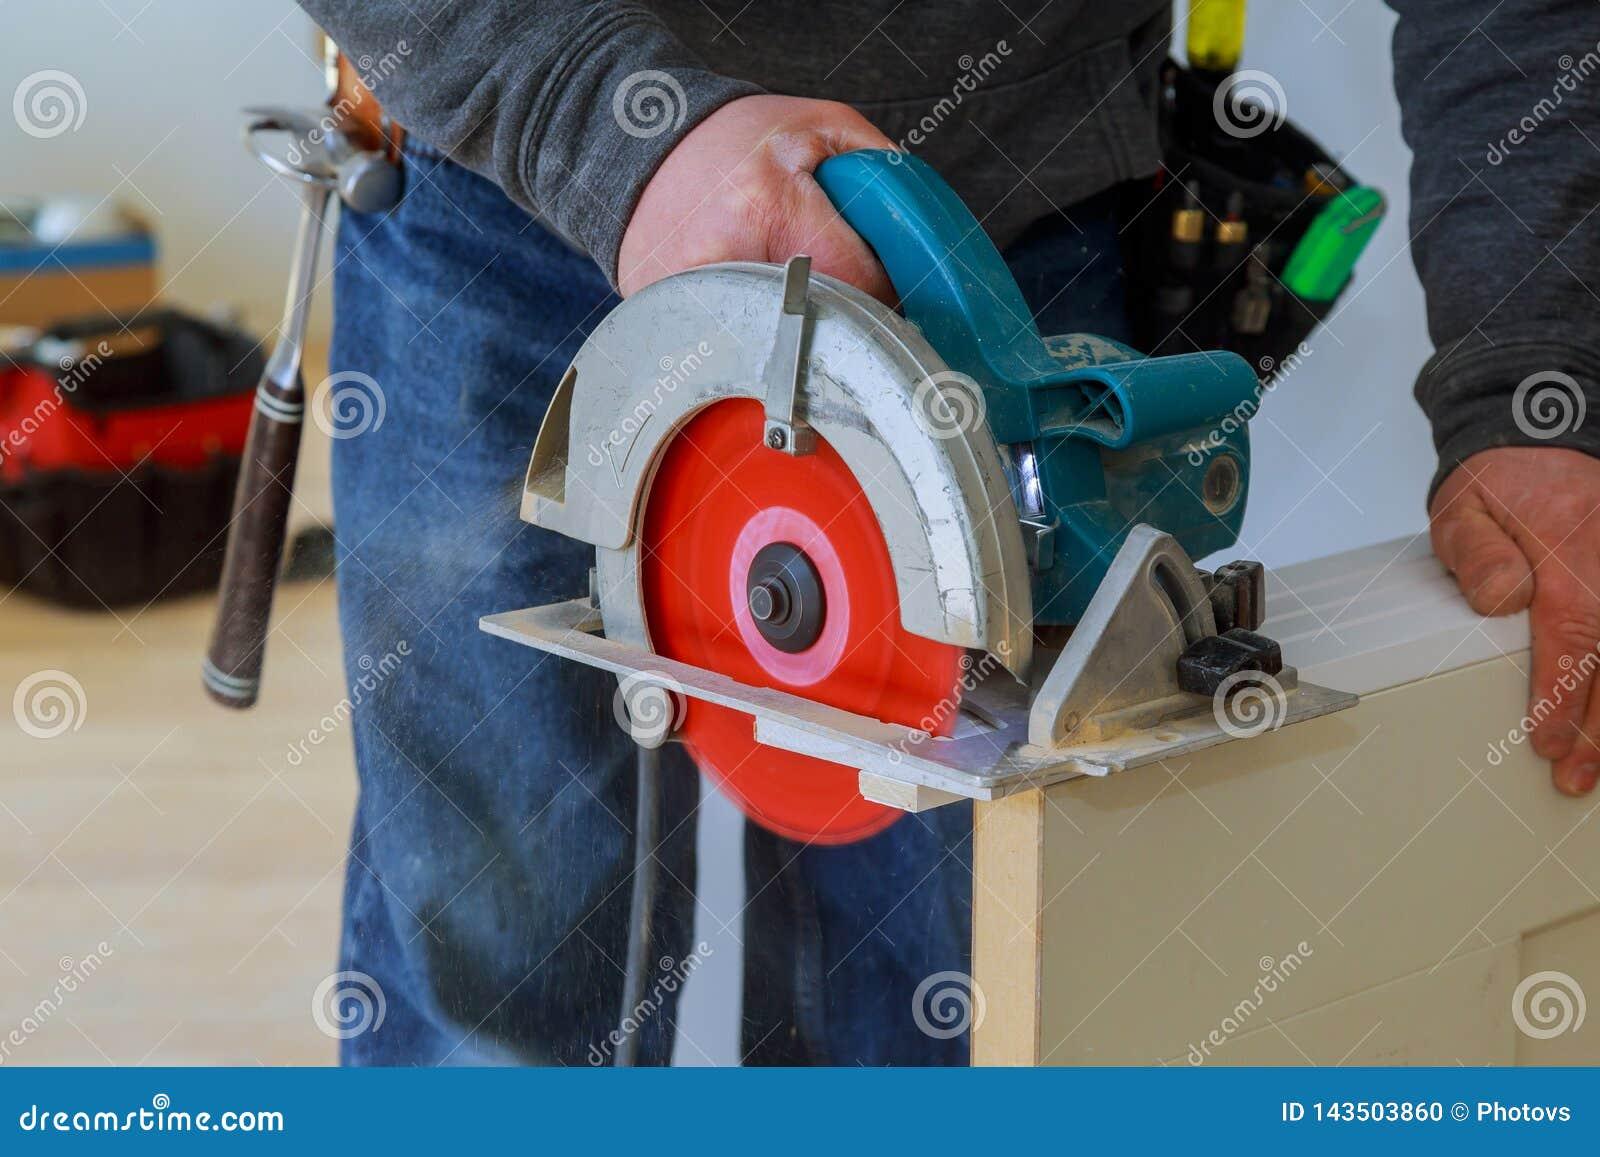 Snijdt de mensen scherpe houten deur cirkelzaag de handen van de bouwersbouw en de huisvernieuwing